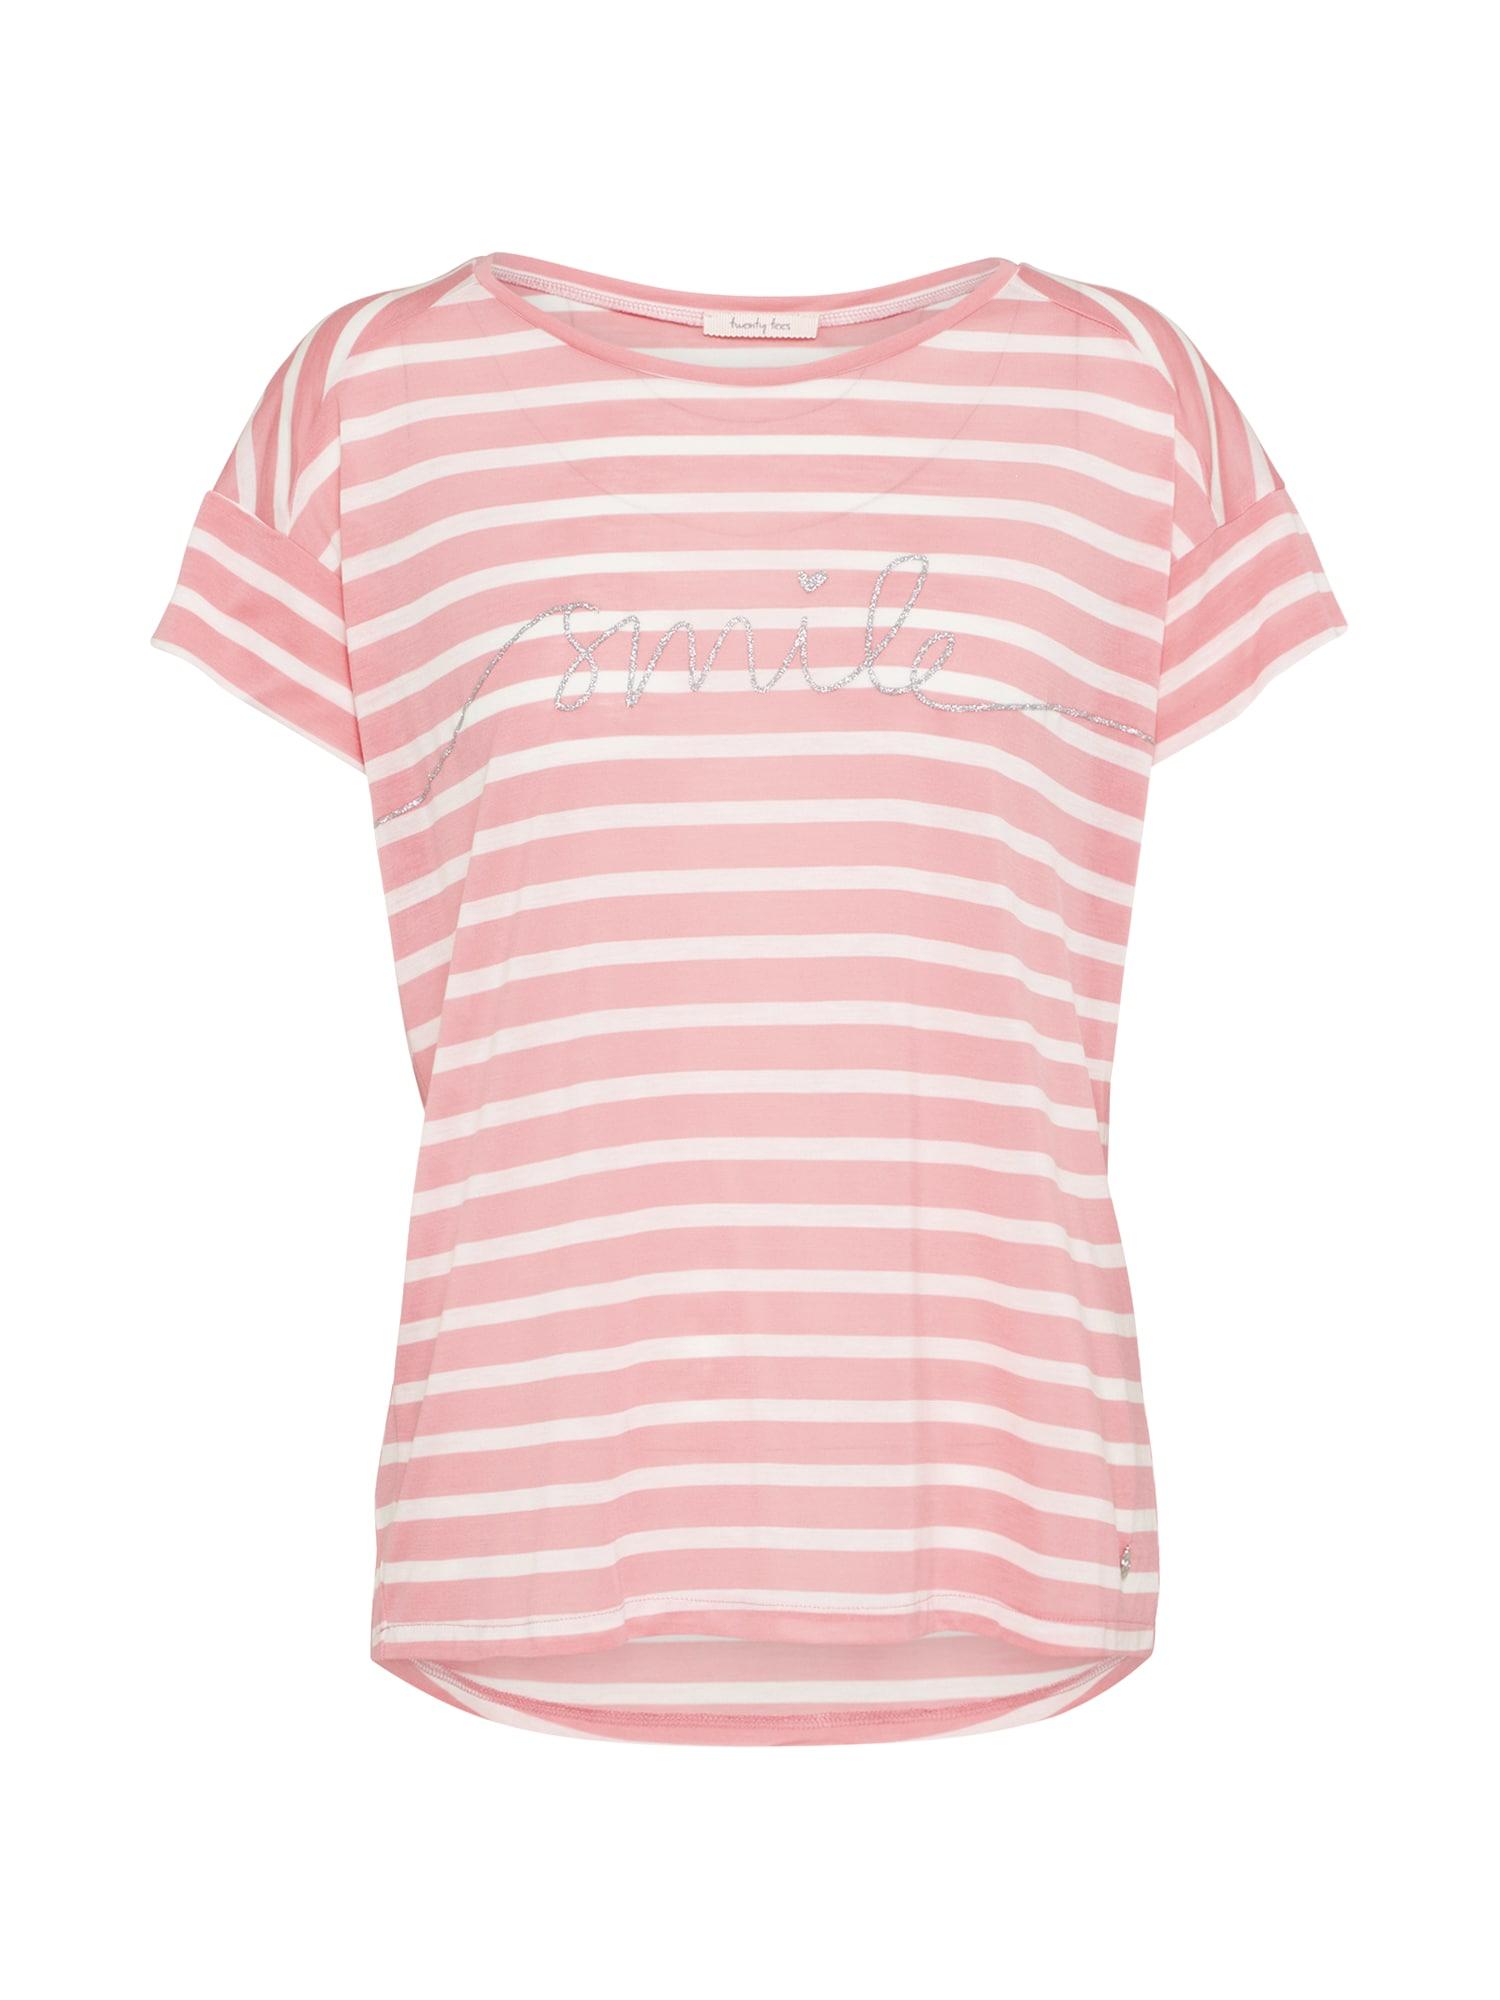 Tričko Smile Ringel růžová bílá Twenty Tees